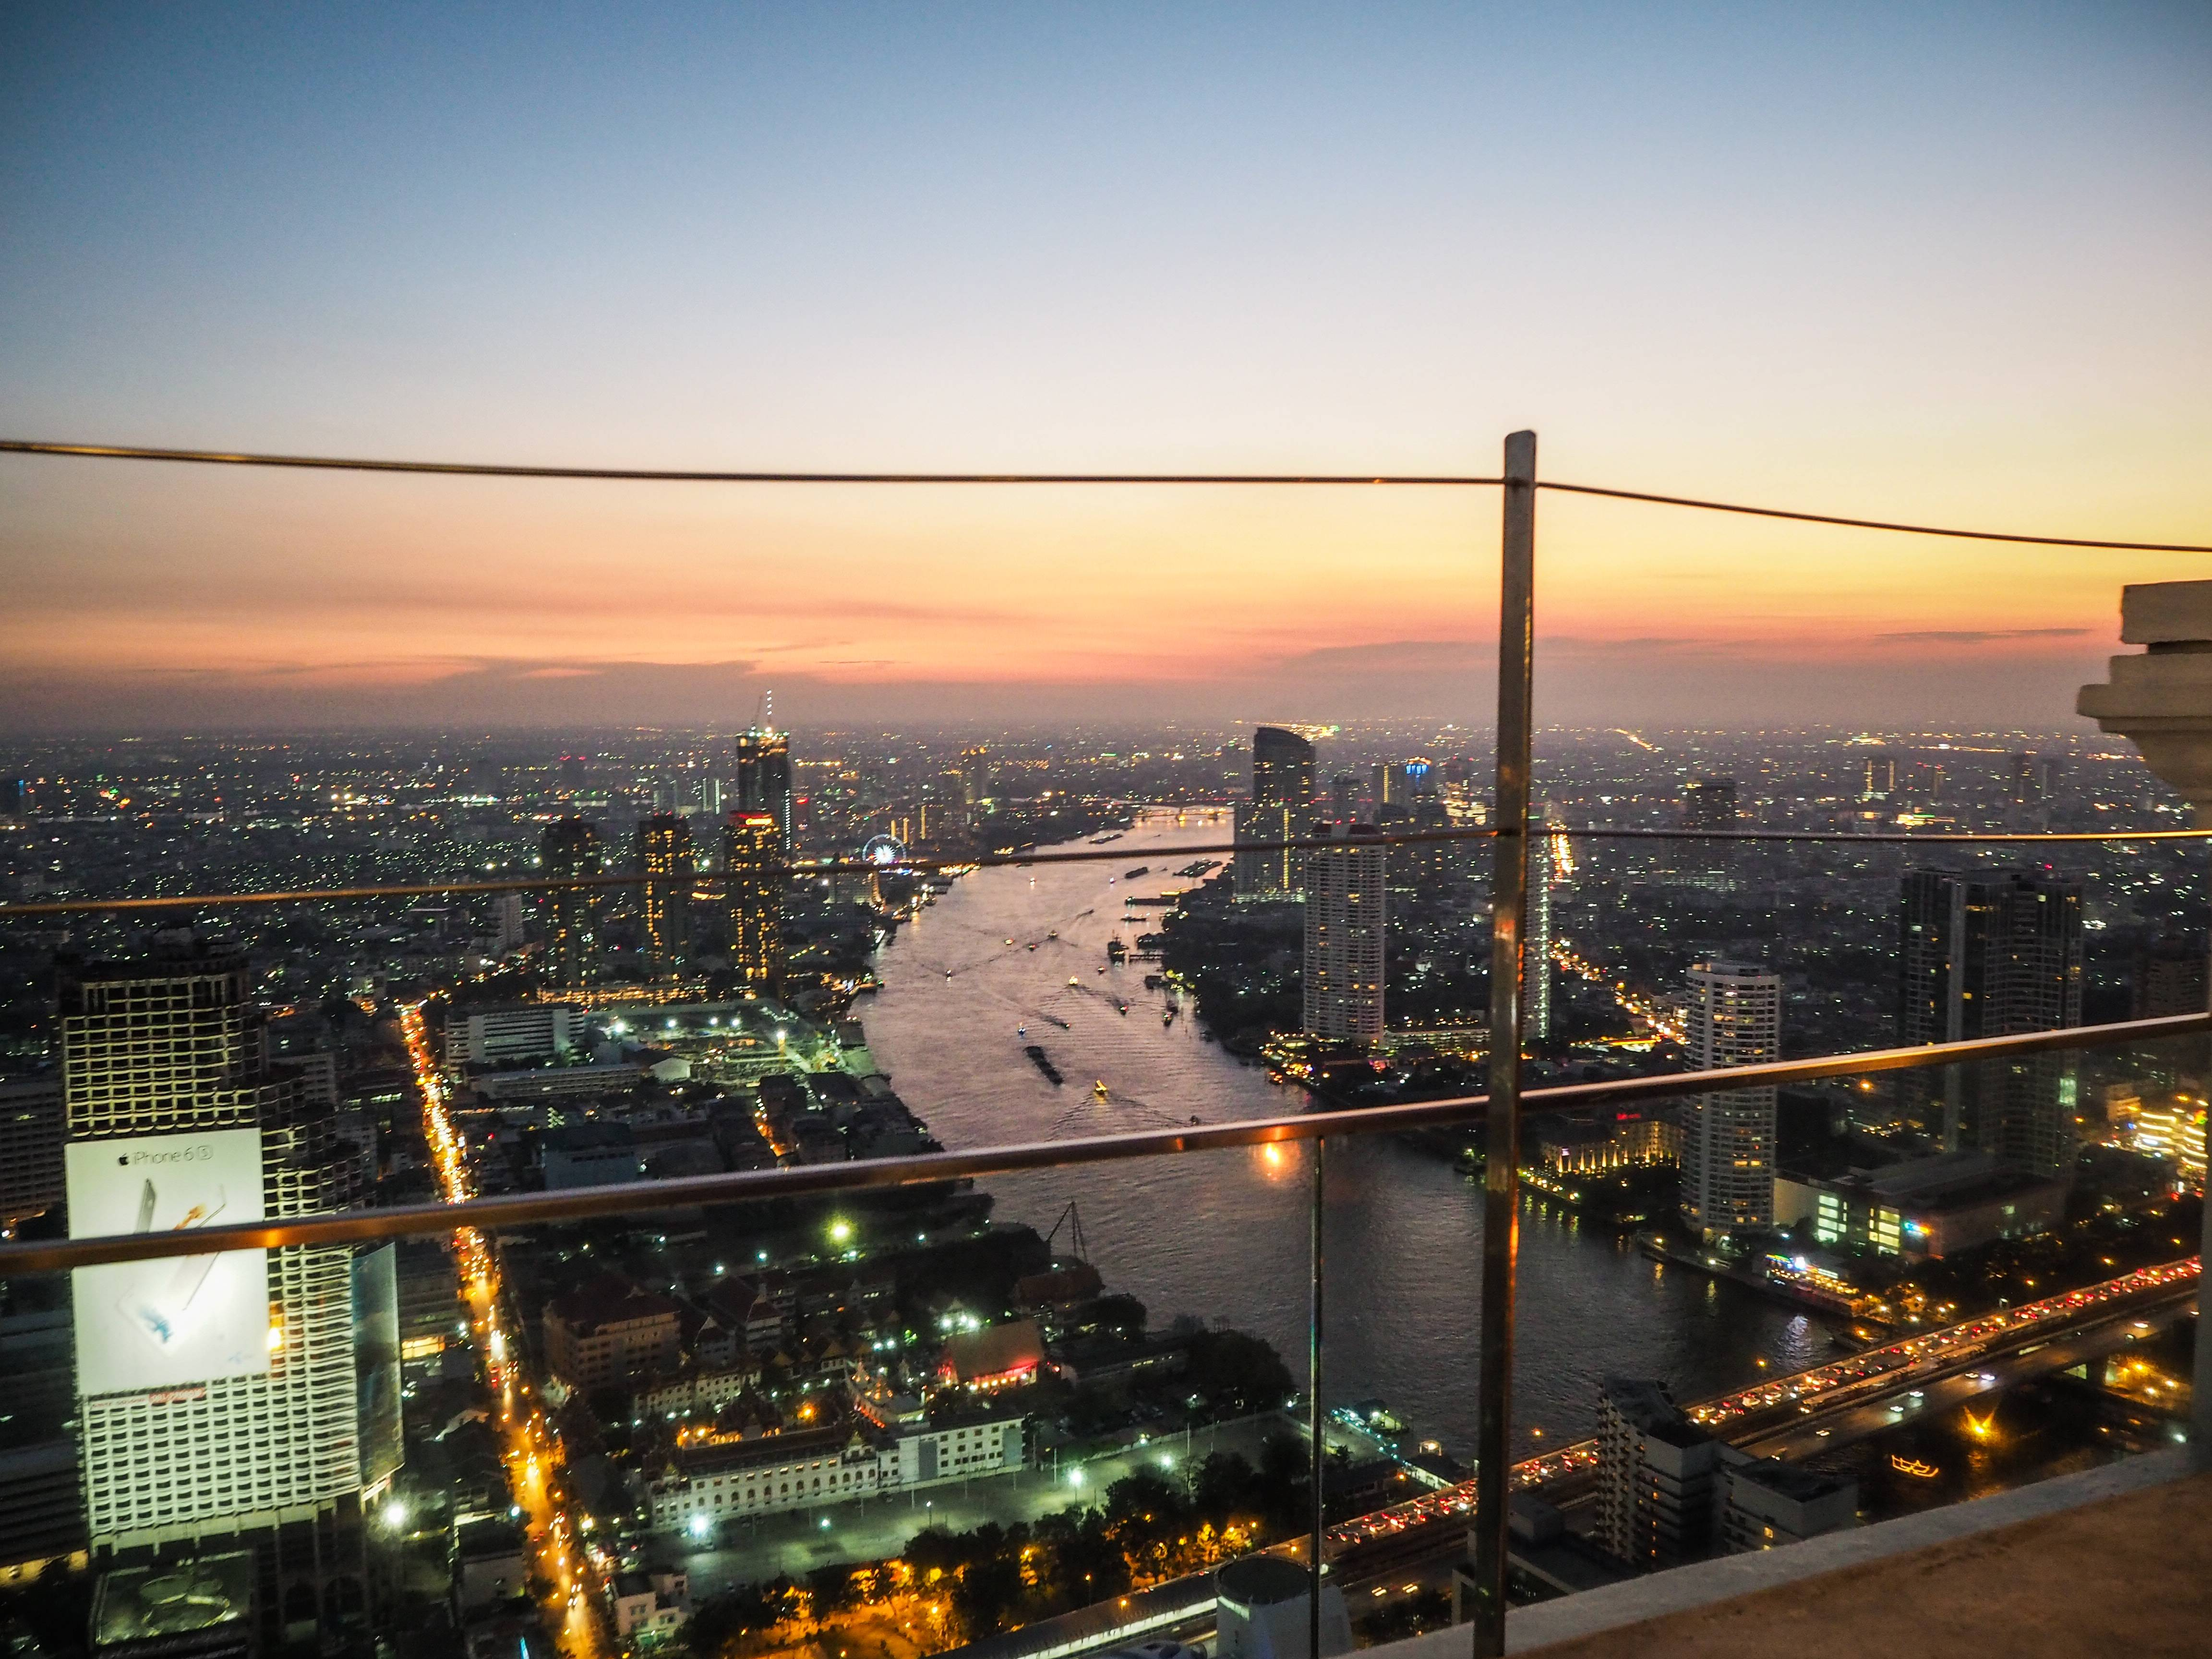 Photo 1: Boire un verre sur un rooftop - Bangkok